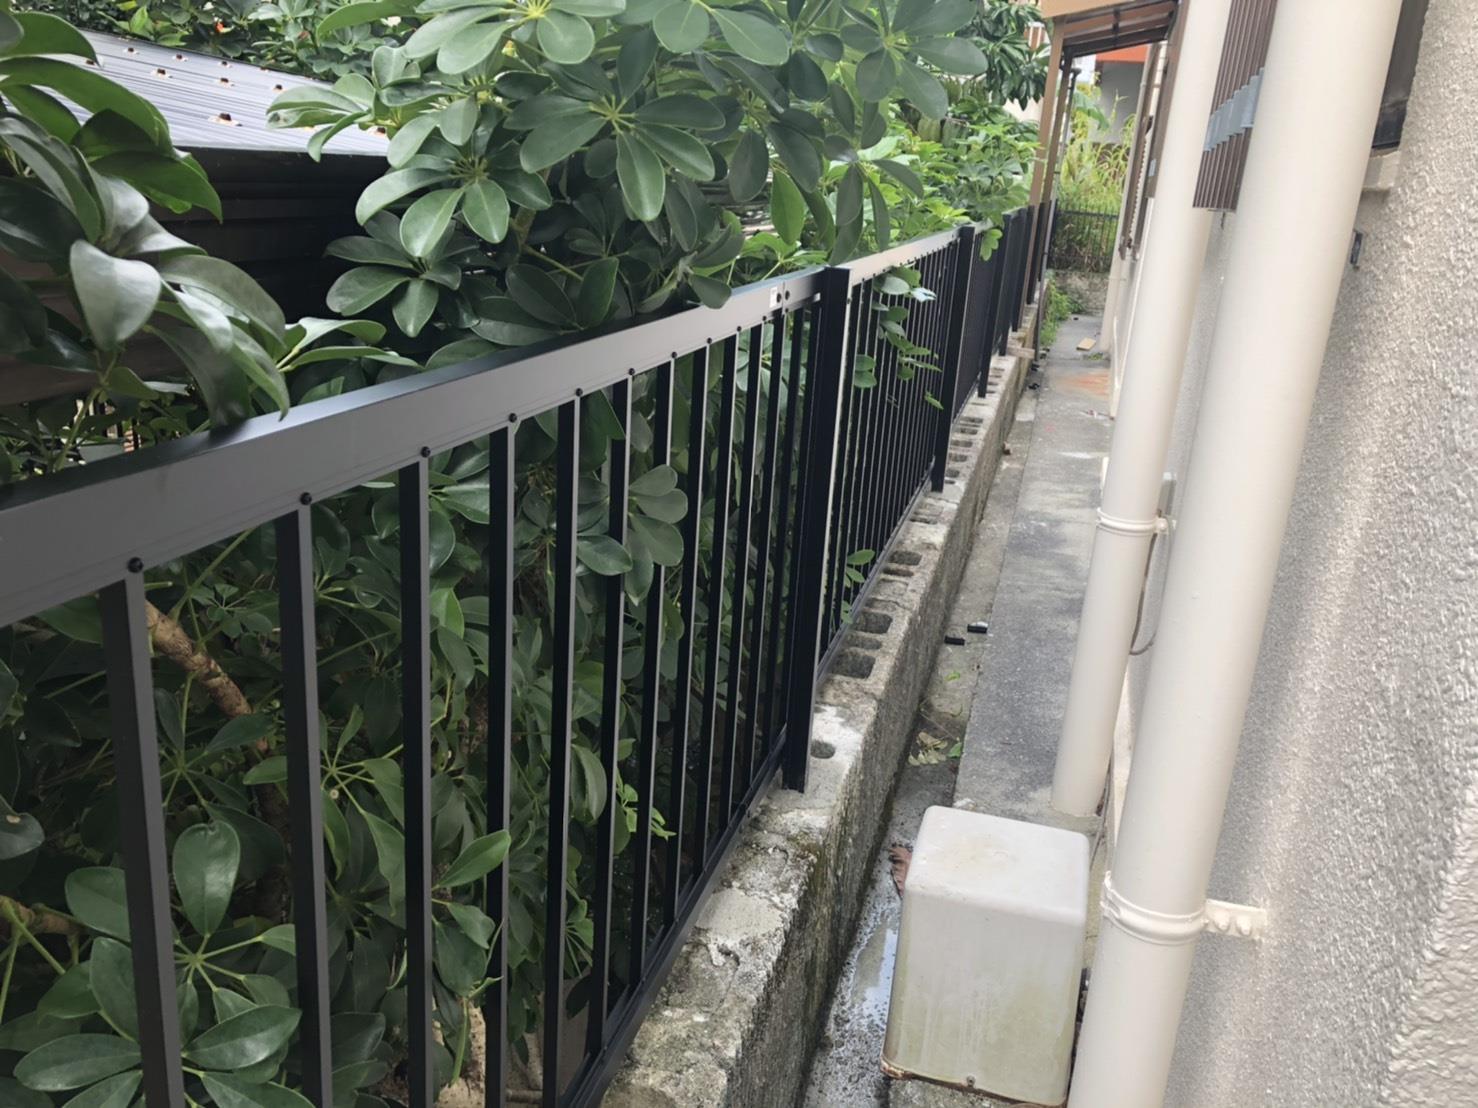 フェンス設置工事(リフォーム施工事例)を公開しました。 | 沖縄や那覇でリフォームするなら【株式会社 あうん工房】